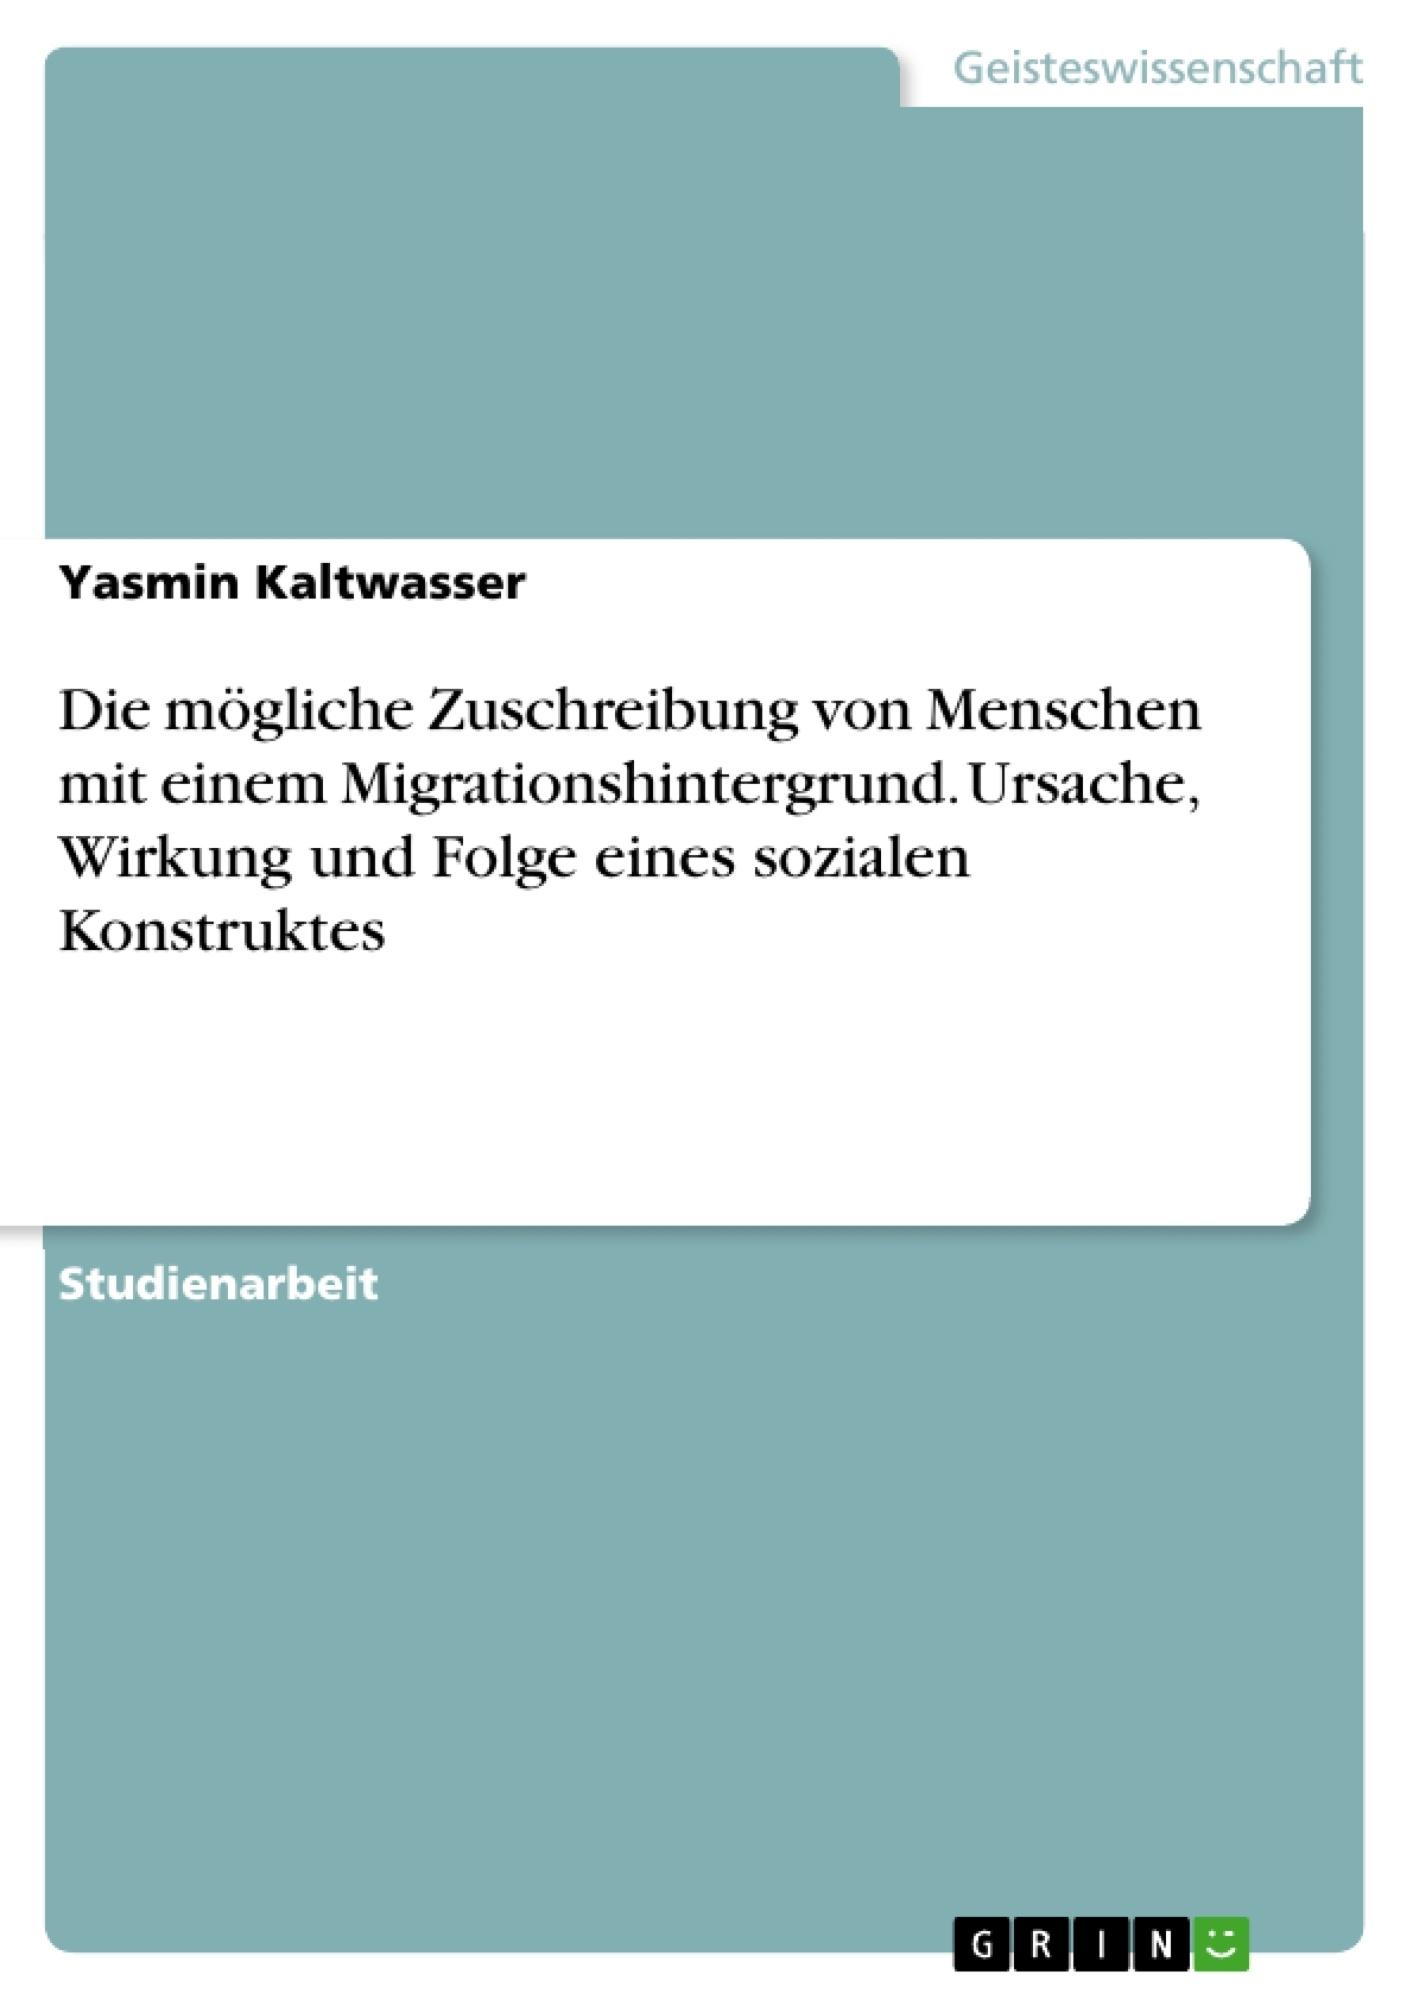 Titel: Die mögliche Zuschreibung von Menschen mit einem Migrationshintergrund. Ursache, Wirkung und Folge eines sozialen Konstruktes